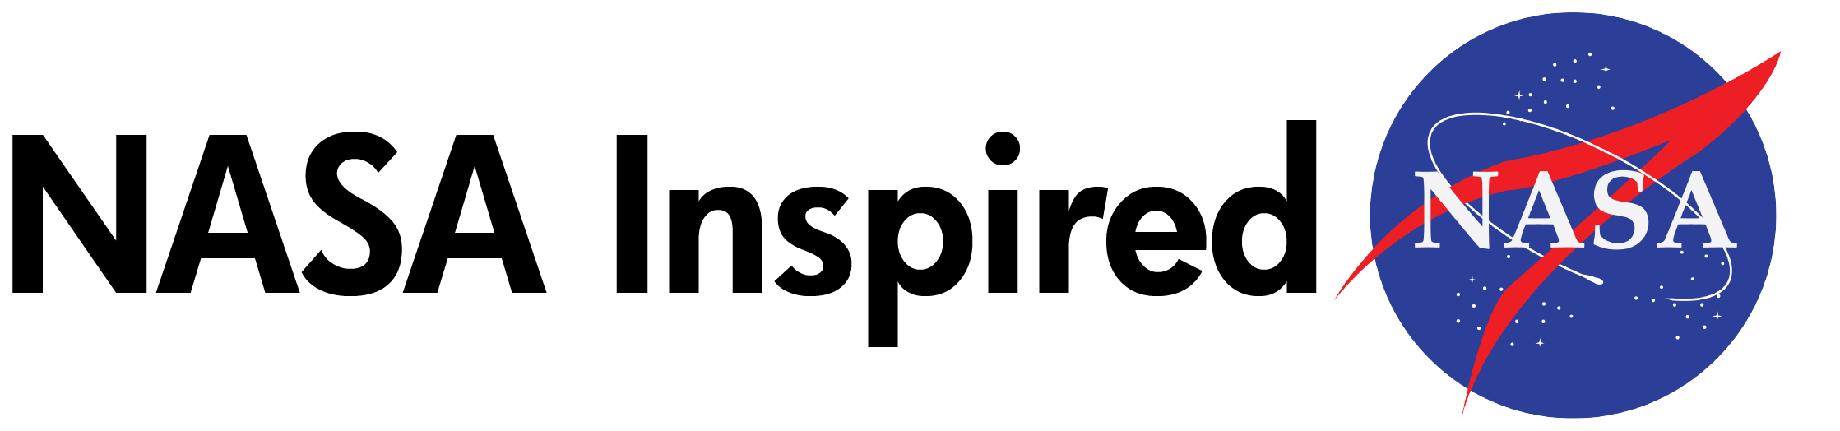 NASA inspired with NASA logo